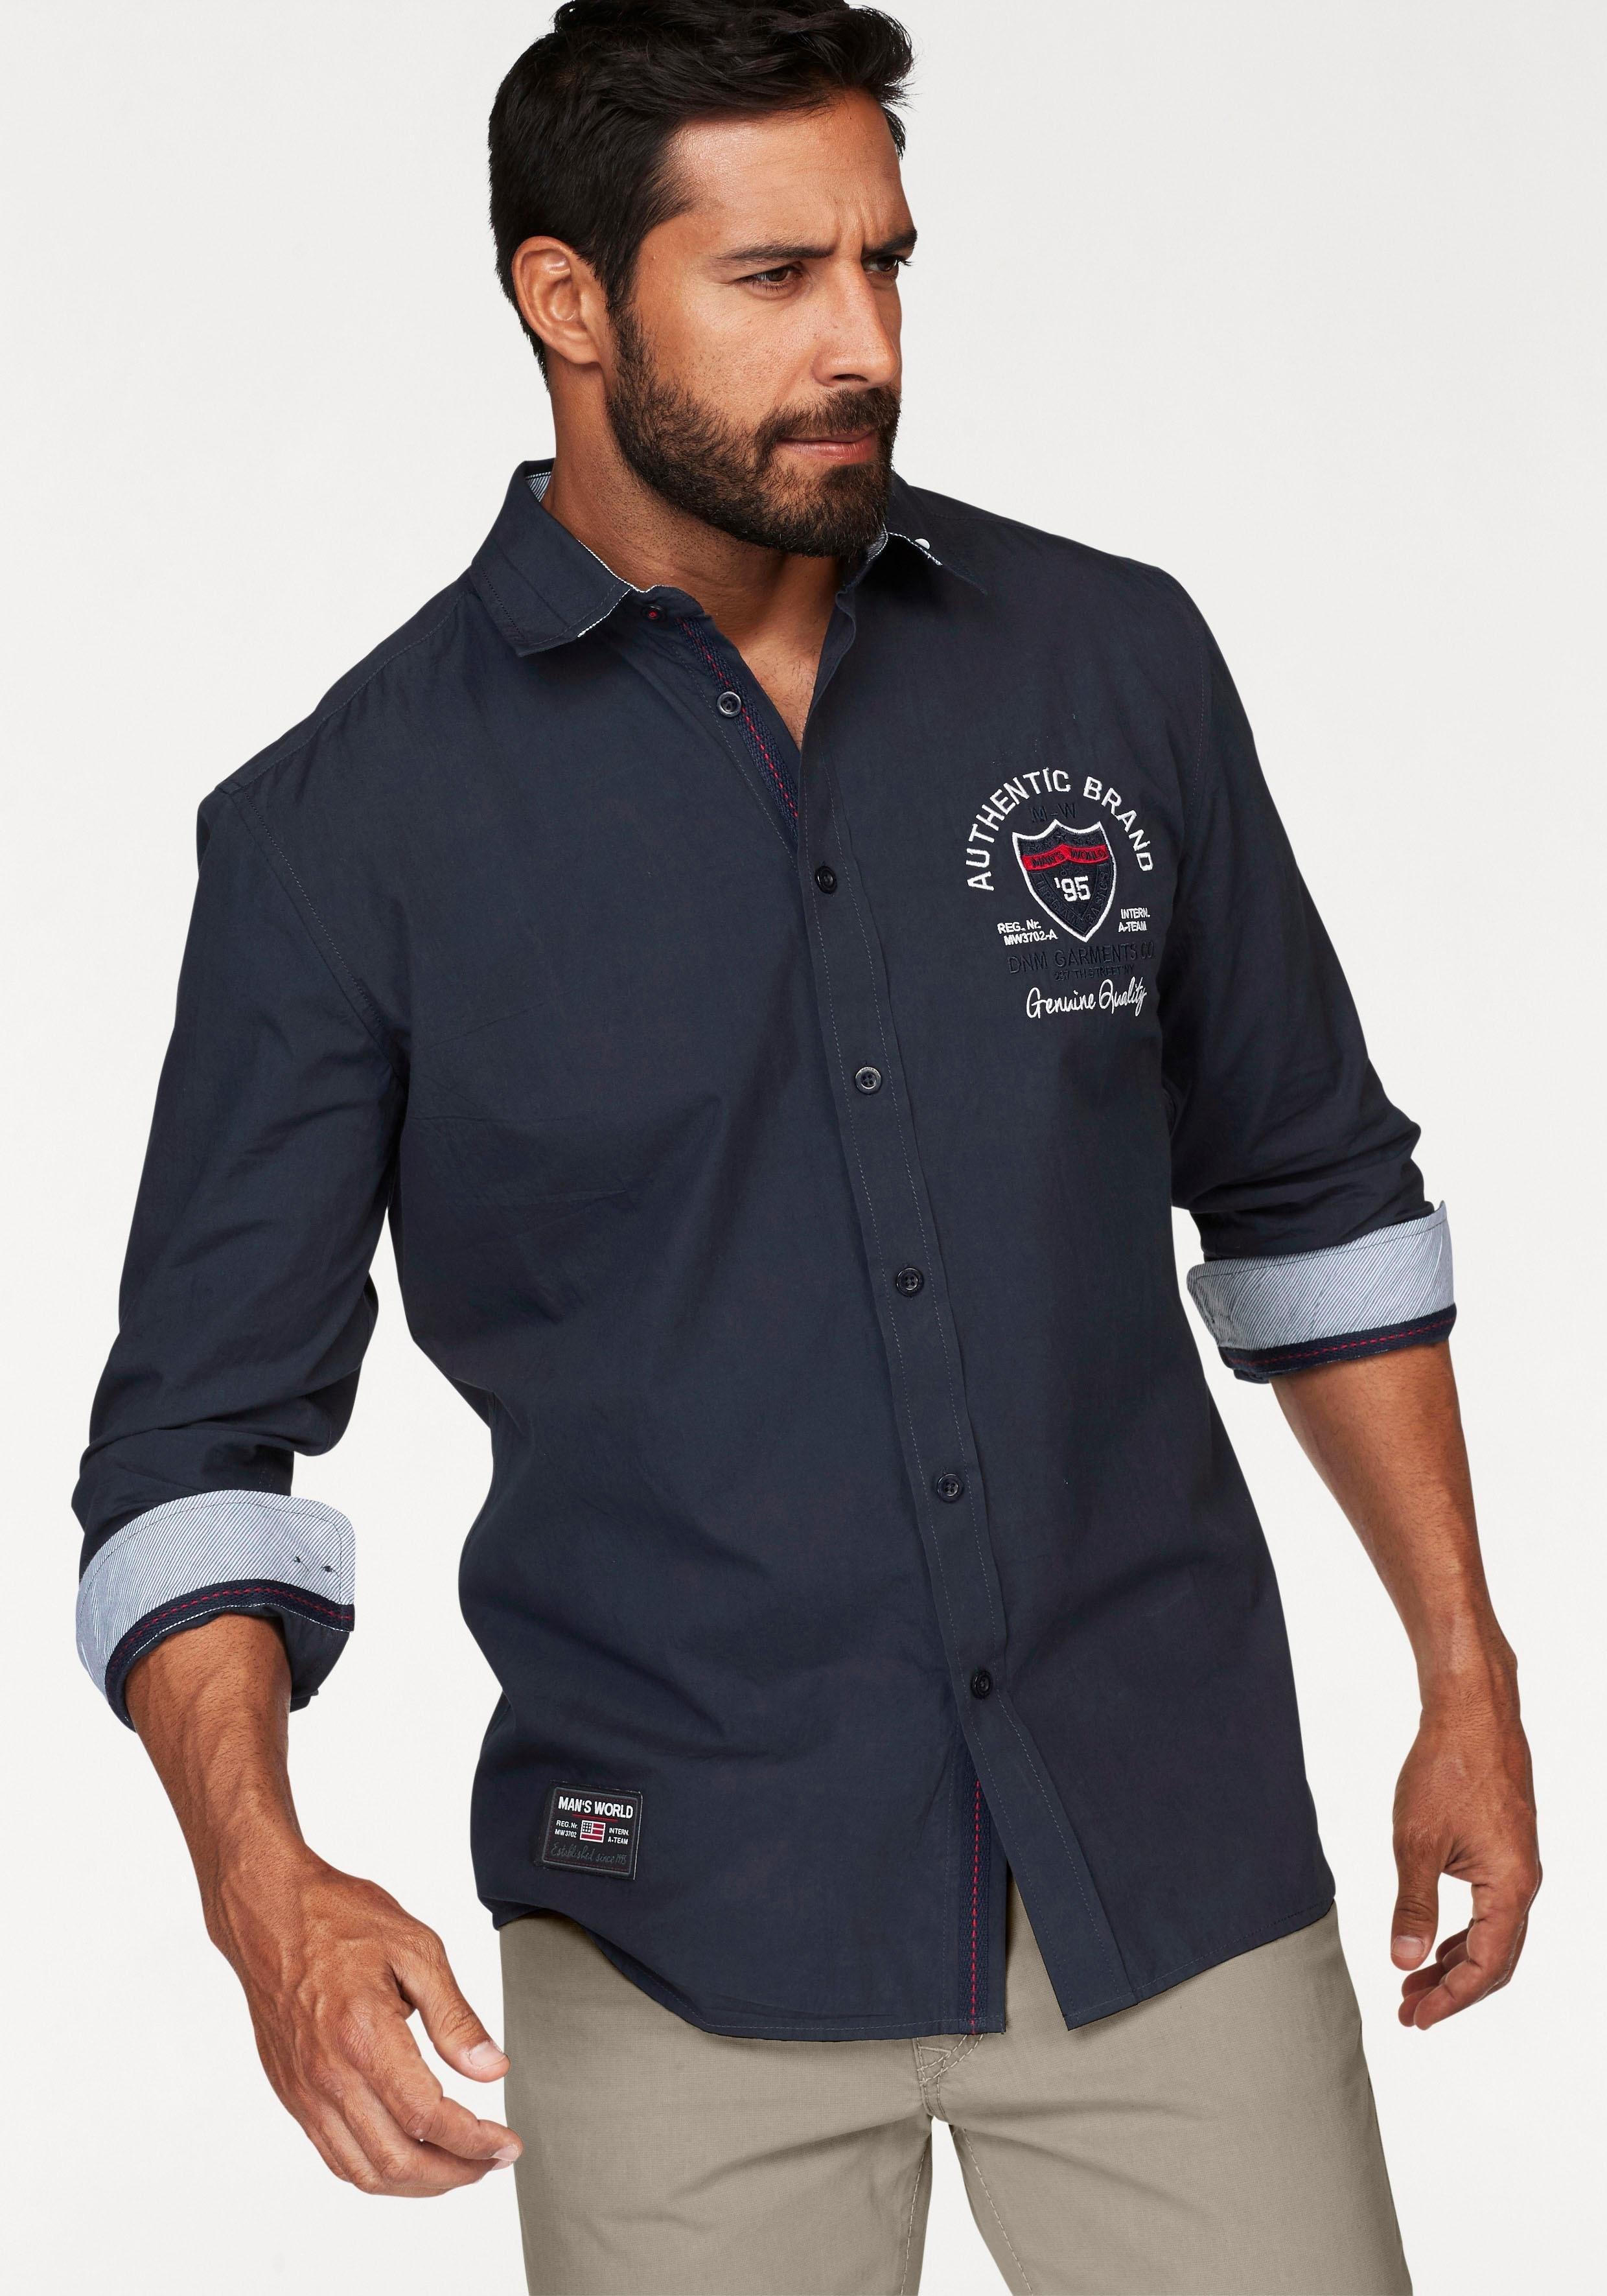 Man's World overhemd met lange mouwen goedkoop op otto.nl kopen